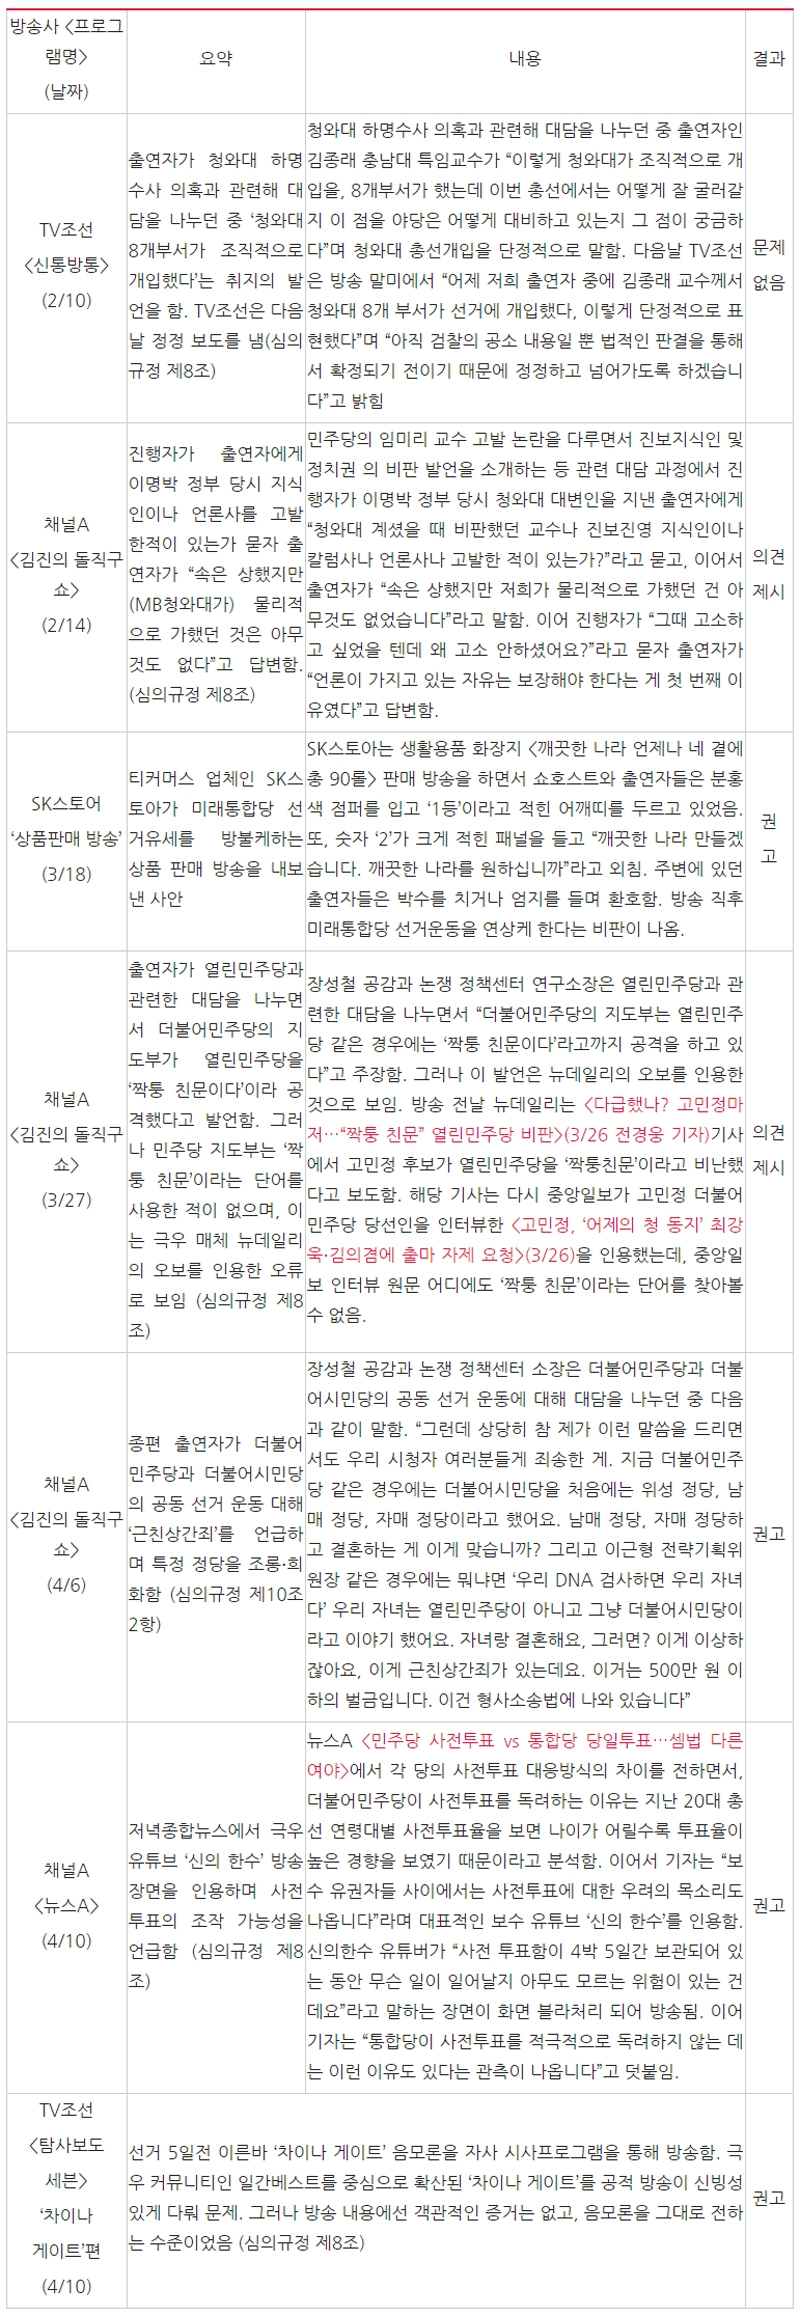 ▲ 선거방송심의위원회 주요 문제 심의 사례. 표=민주언론시민연합